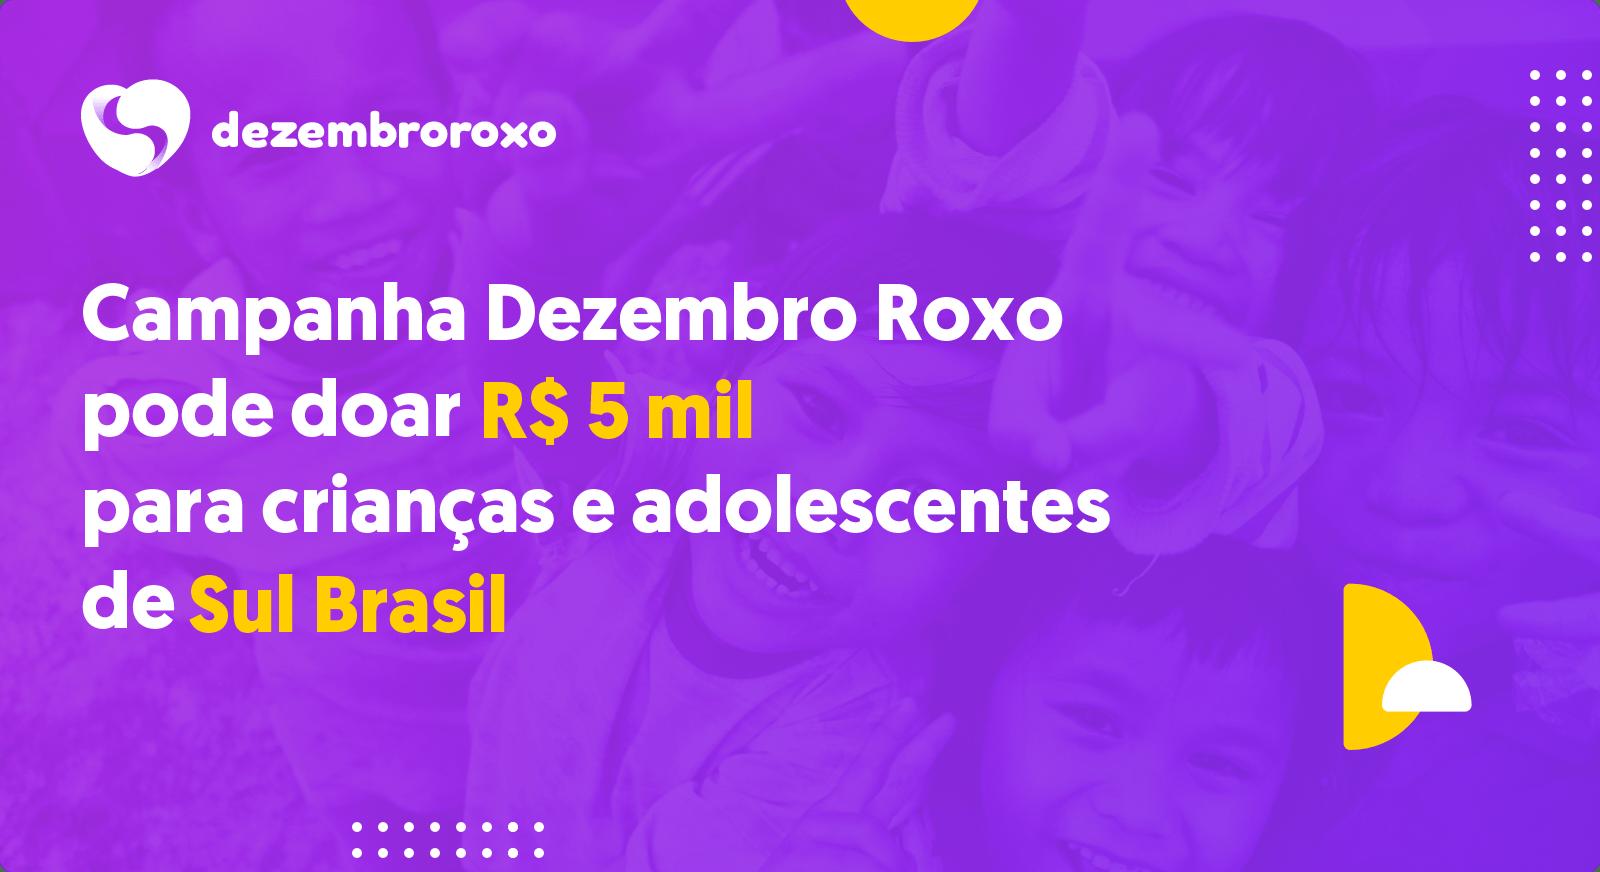 Doações em Sul Brasil - SC